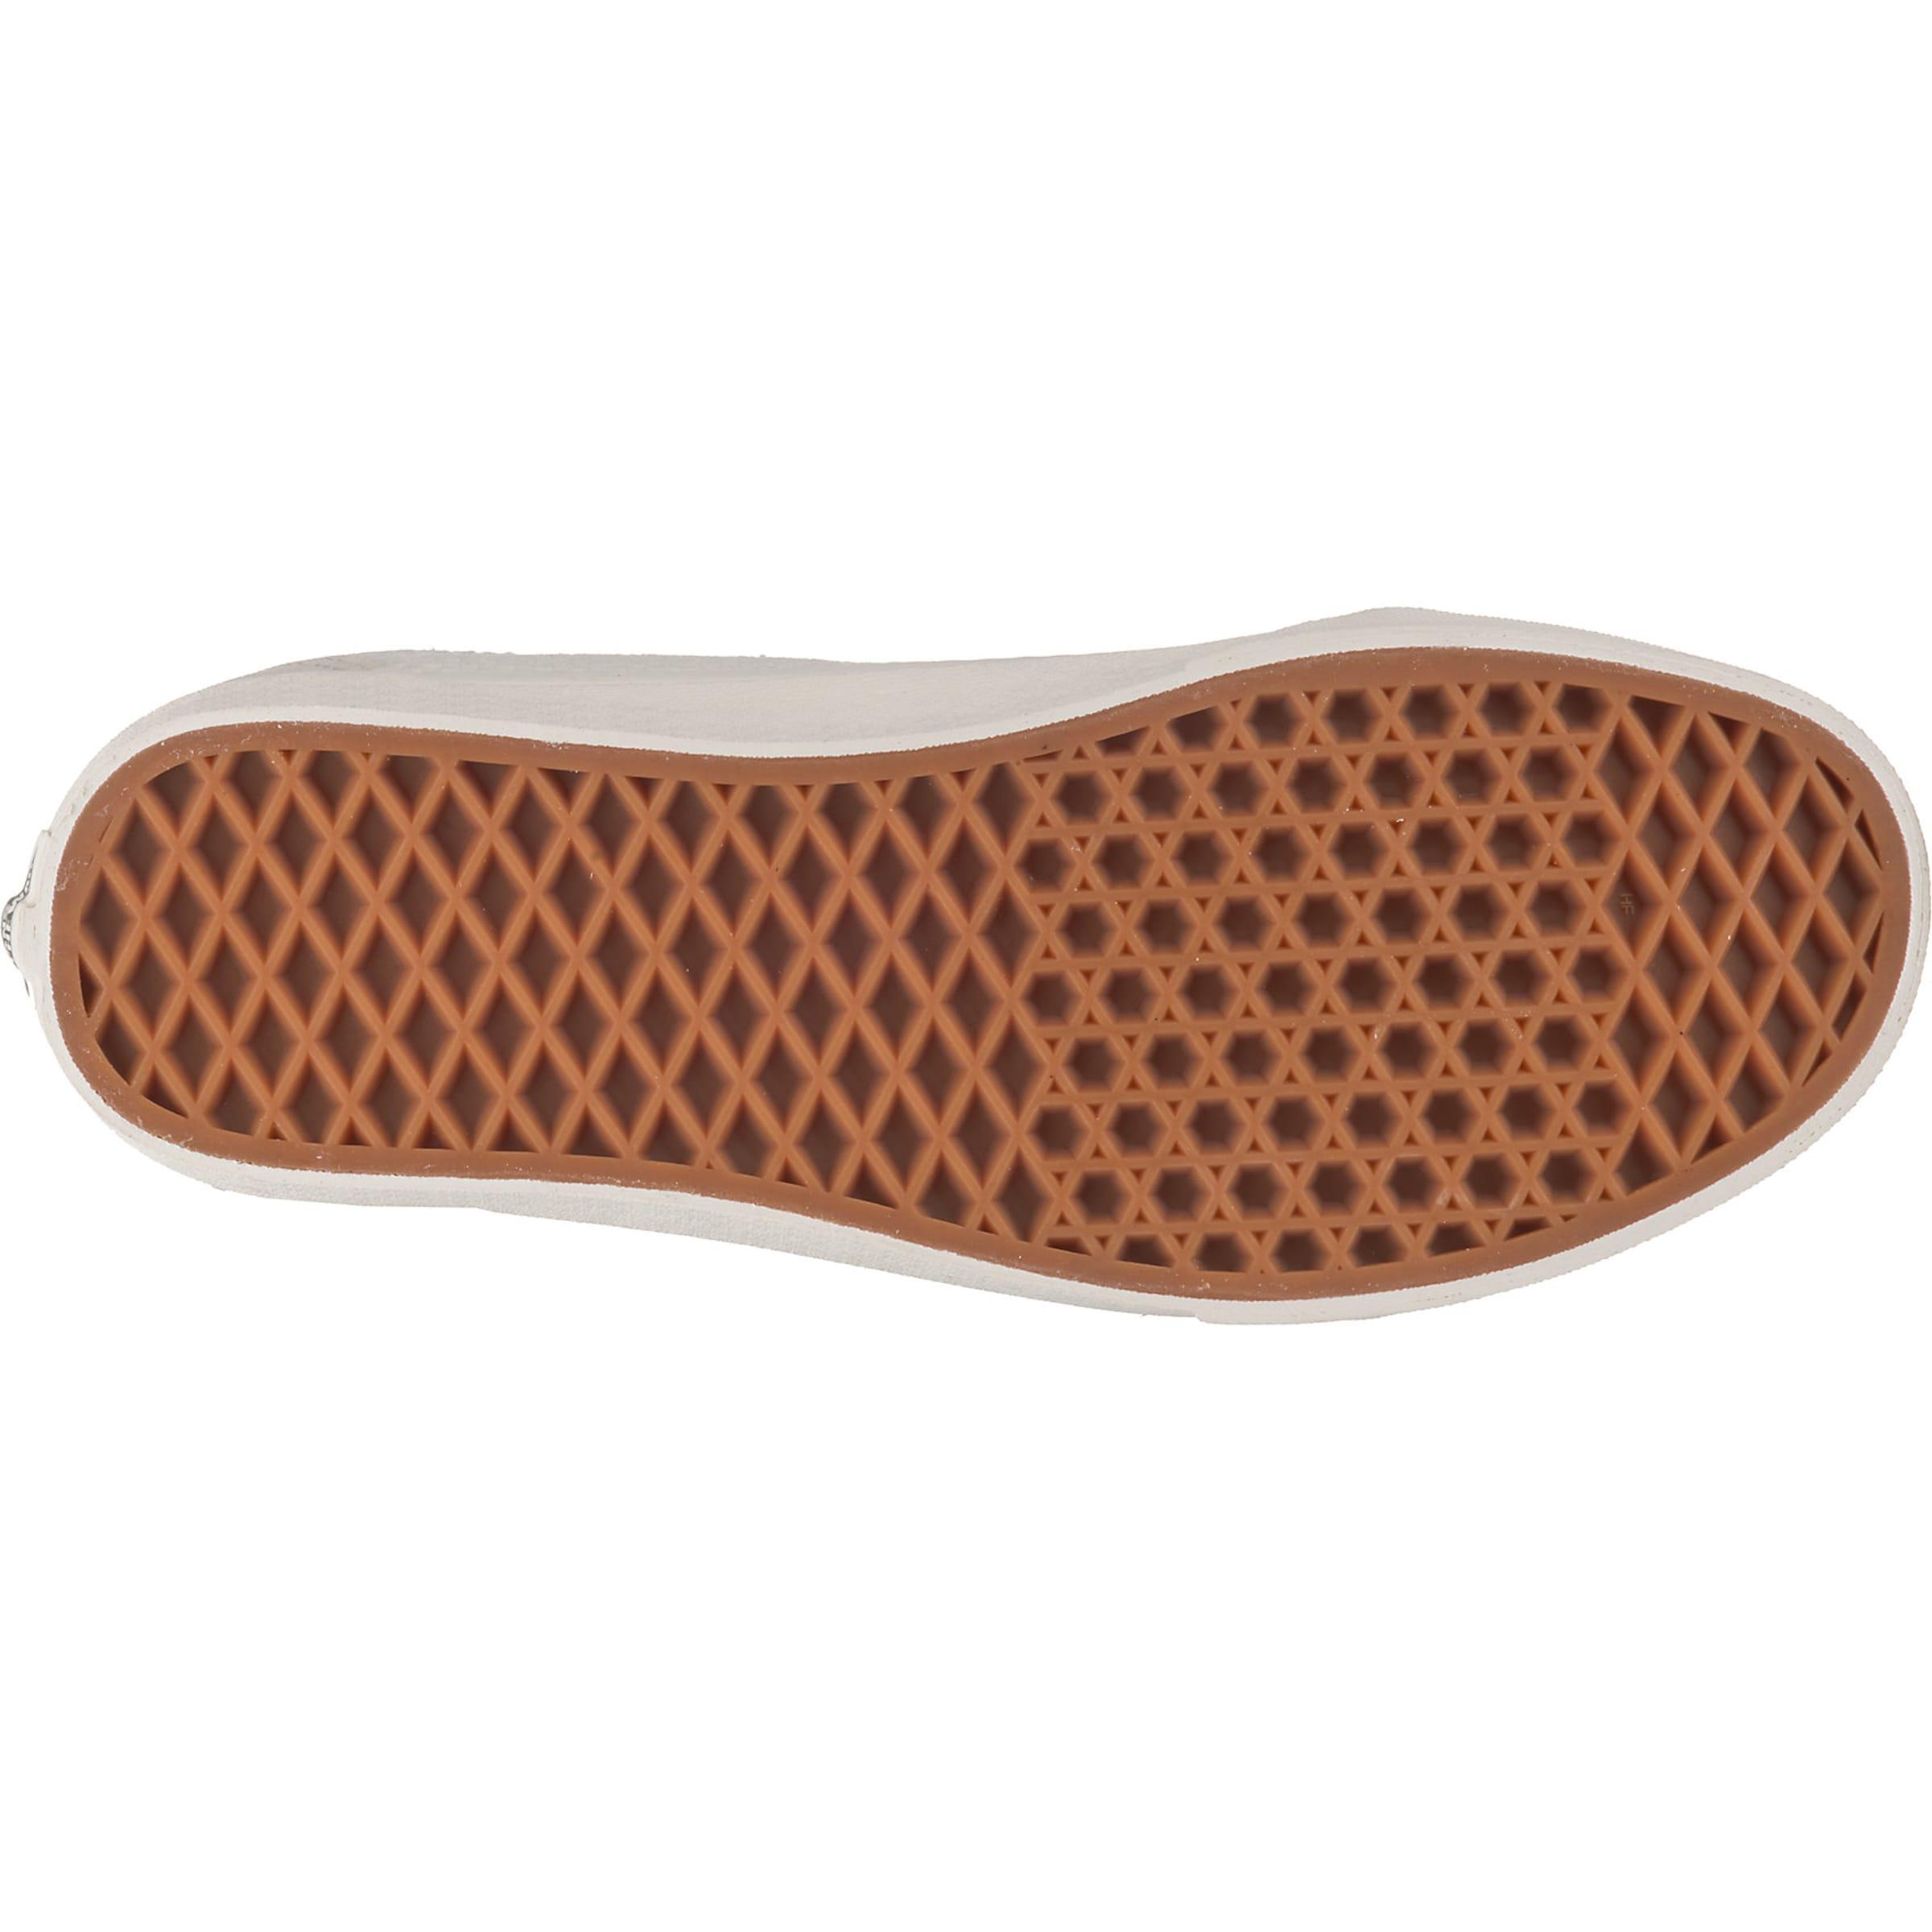 Sneakers Skool' 'ua Creme Vans Low In Old W2IEHbe9DY